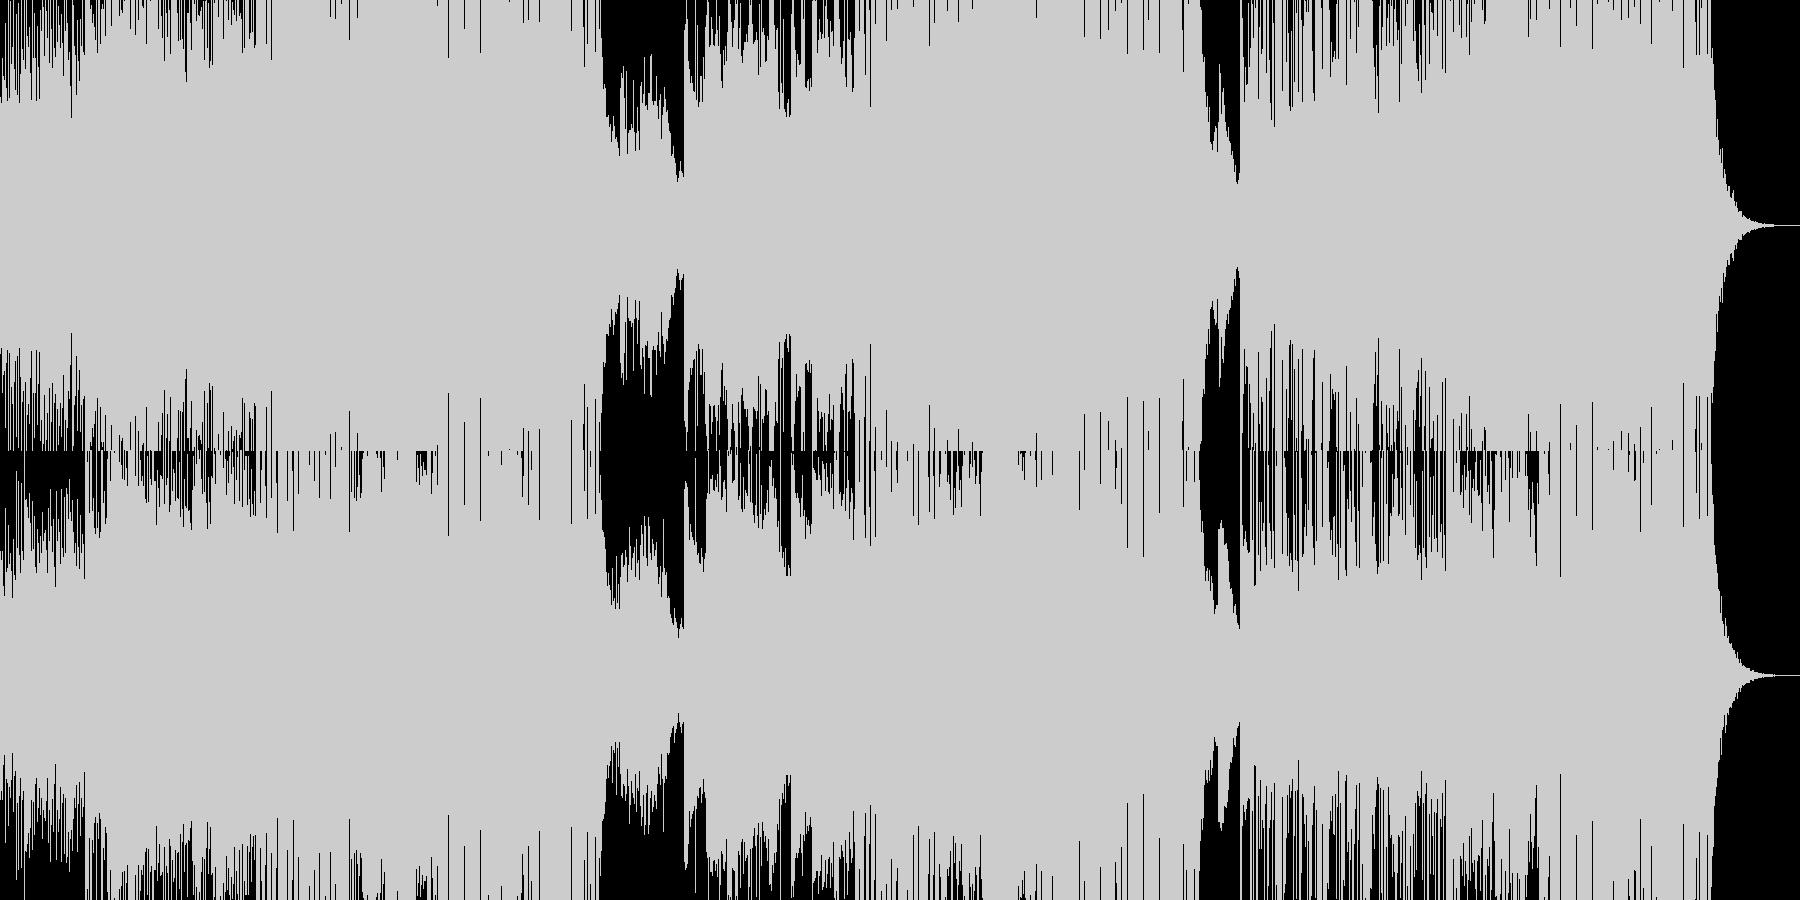 ゆっくりしたテンポのクラブミュージックの未再生の波形